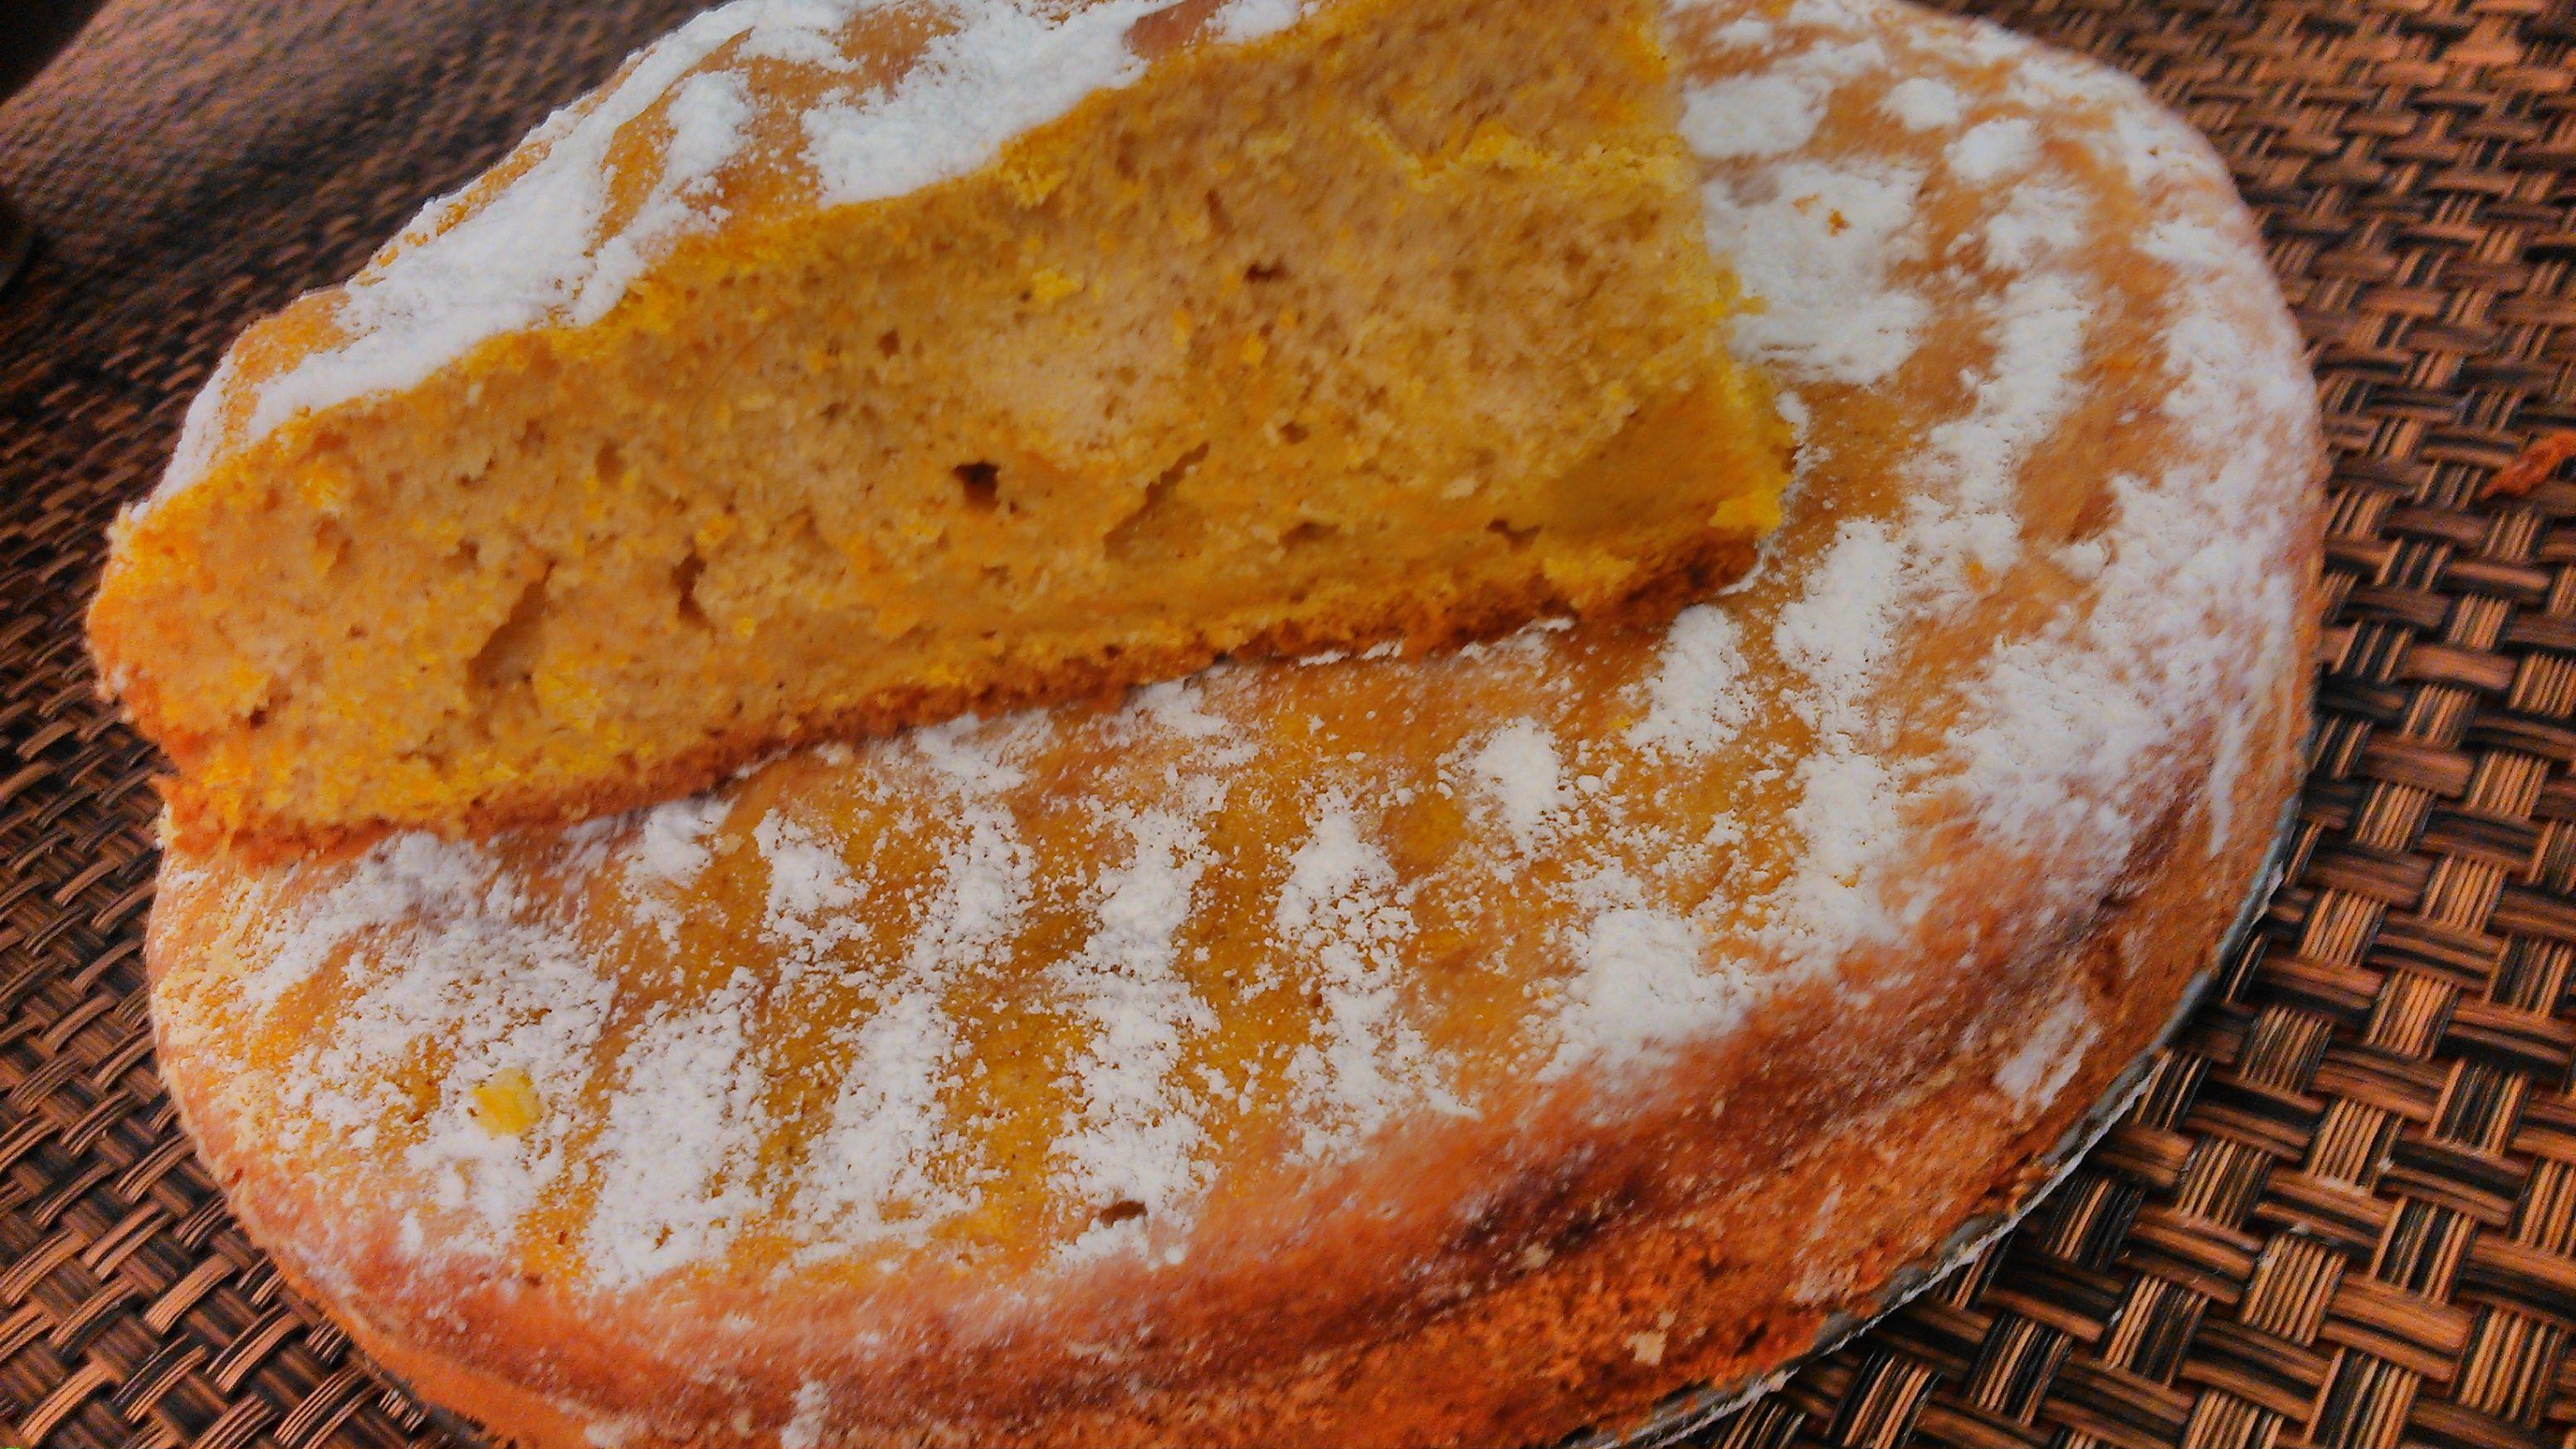 Tarta de calabaza.  http://www.aprendecocina.net/2013/11/13/tarta-de-calabaza/: